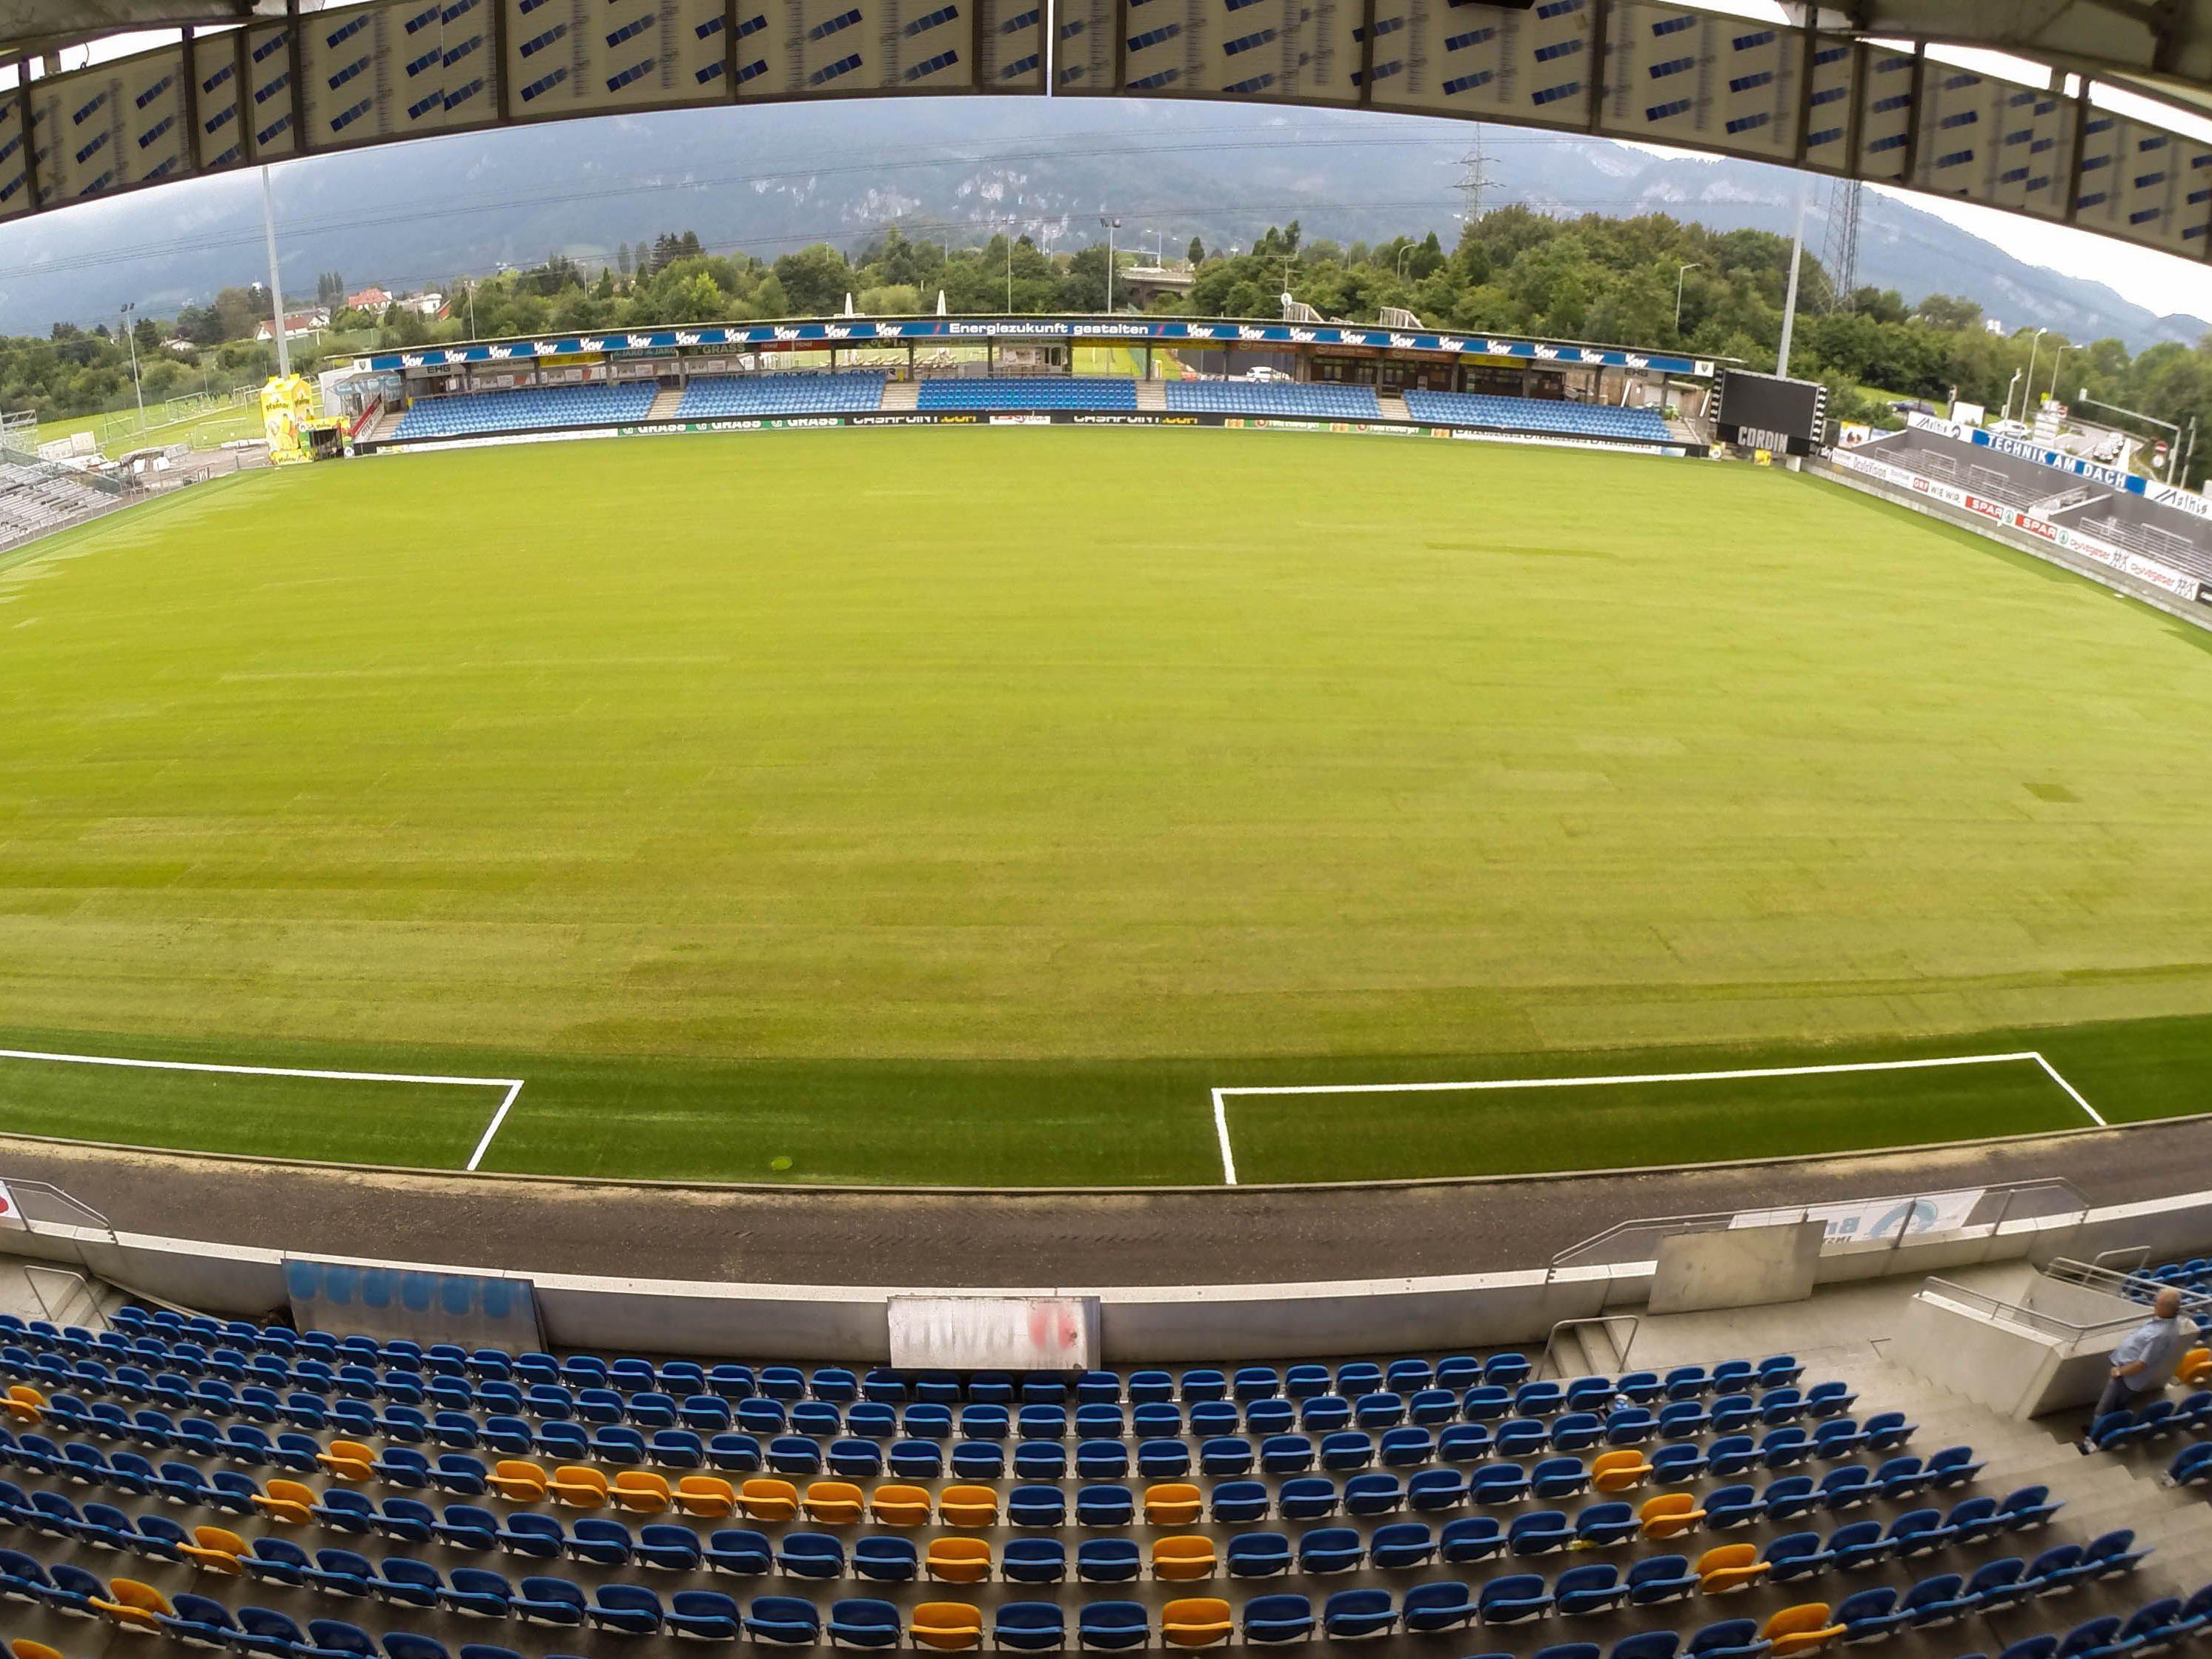 Europa League-Spiele sollen in Zukunft hier stattfinden - vor einer neuen Kulisse.